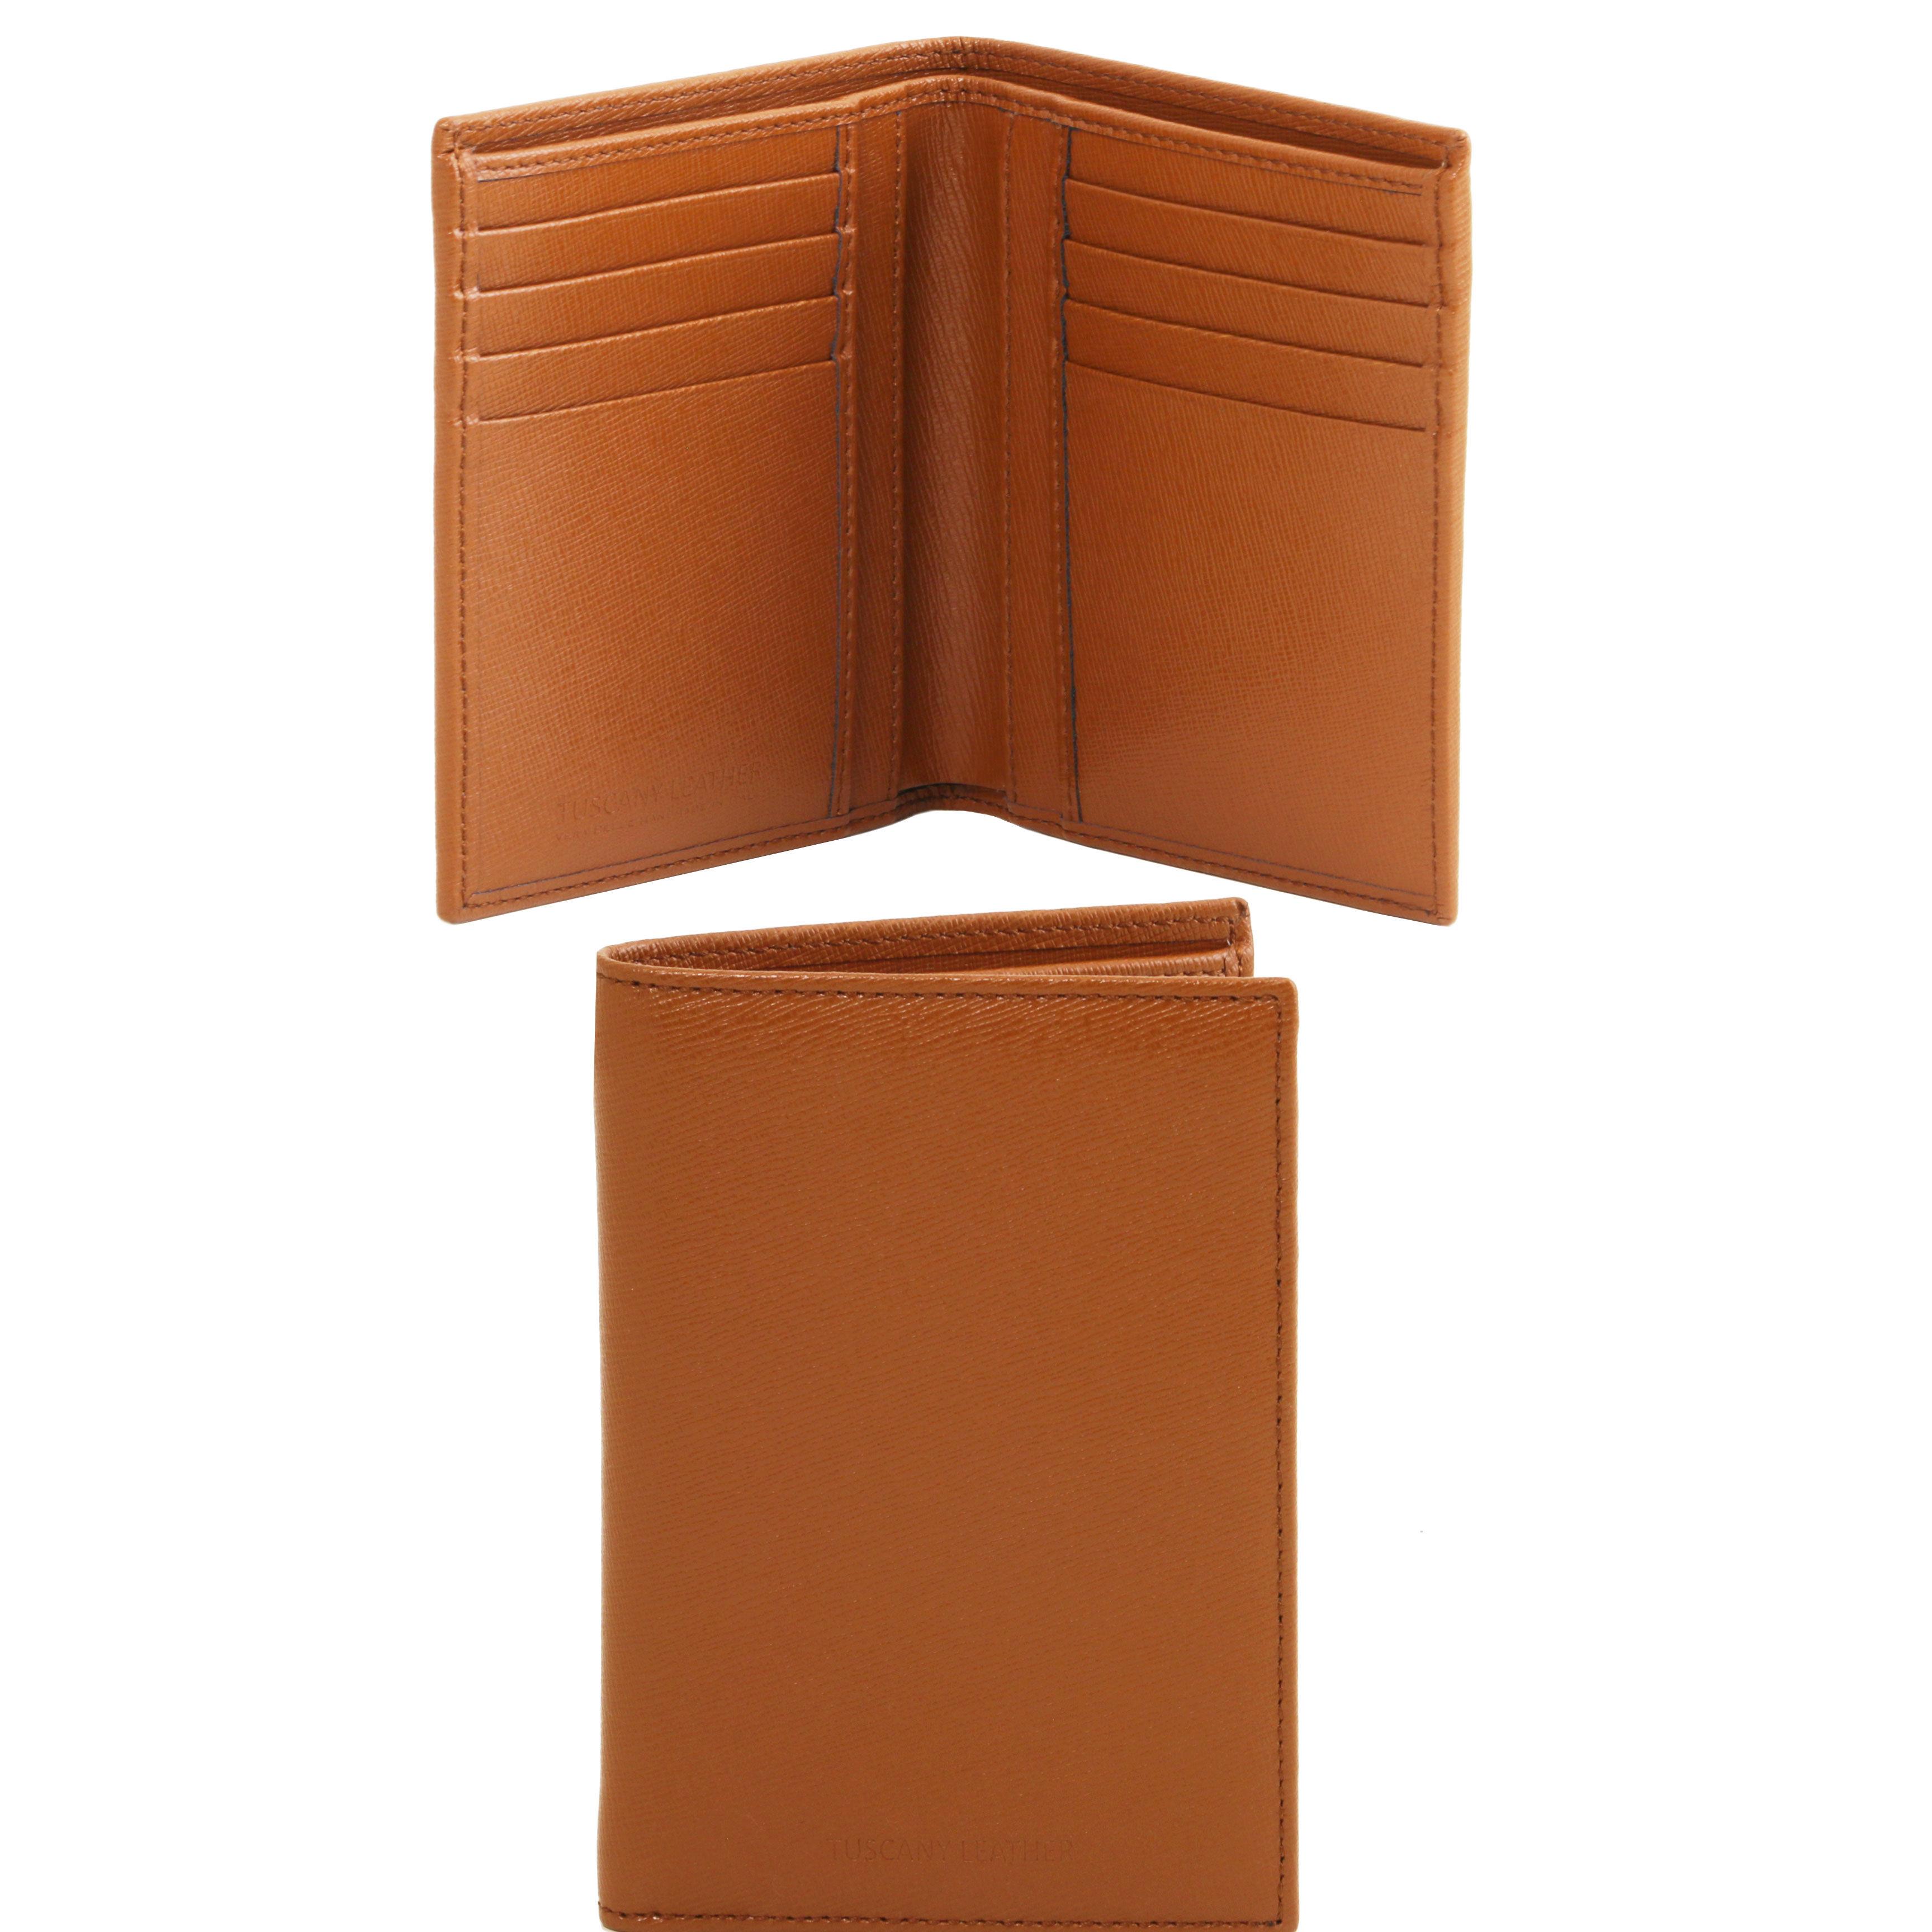 Portofel vertical din piele saffiano cognac 2 fold